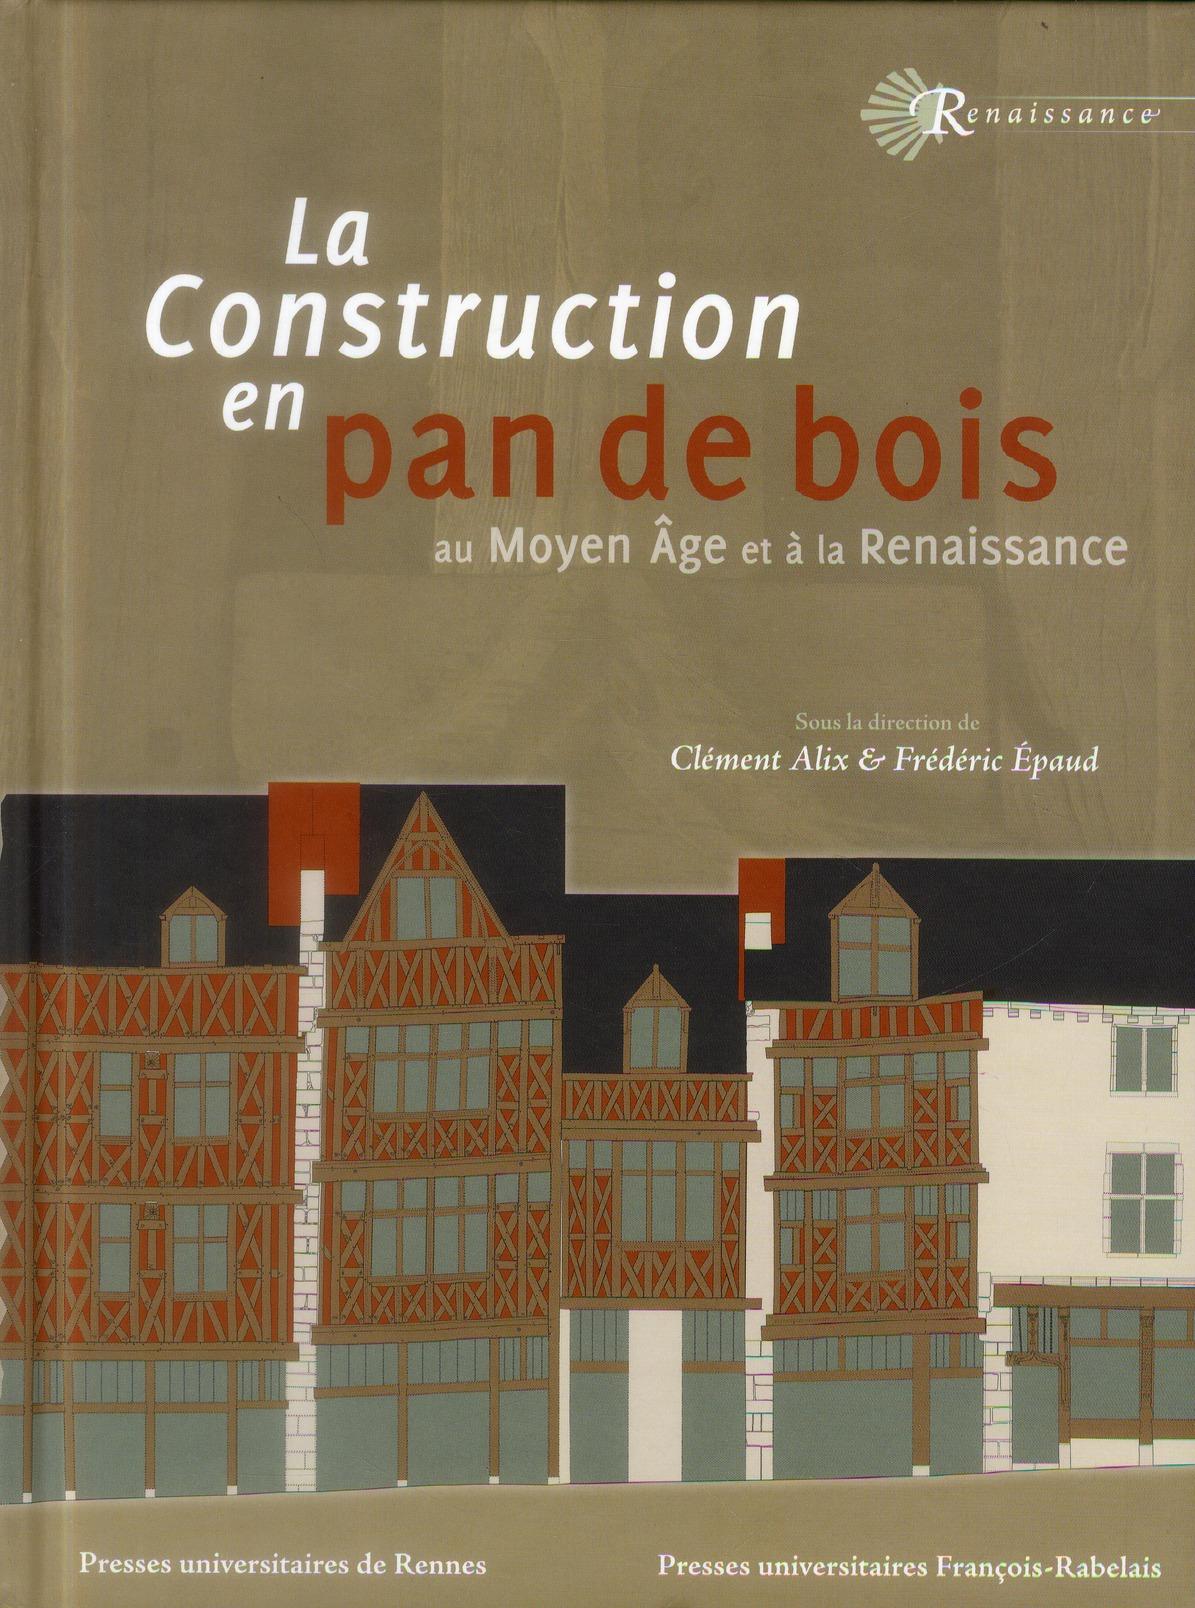 Construction en pan de bois au moyen age et a la renaissance - les engins de chantier de leonard de